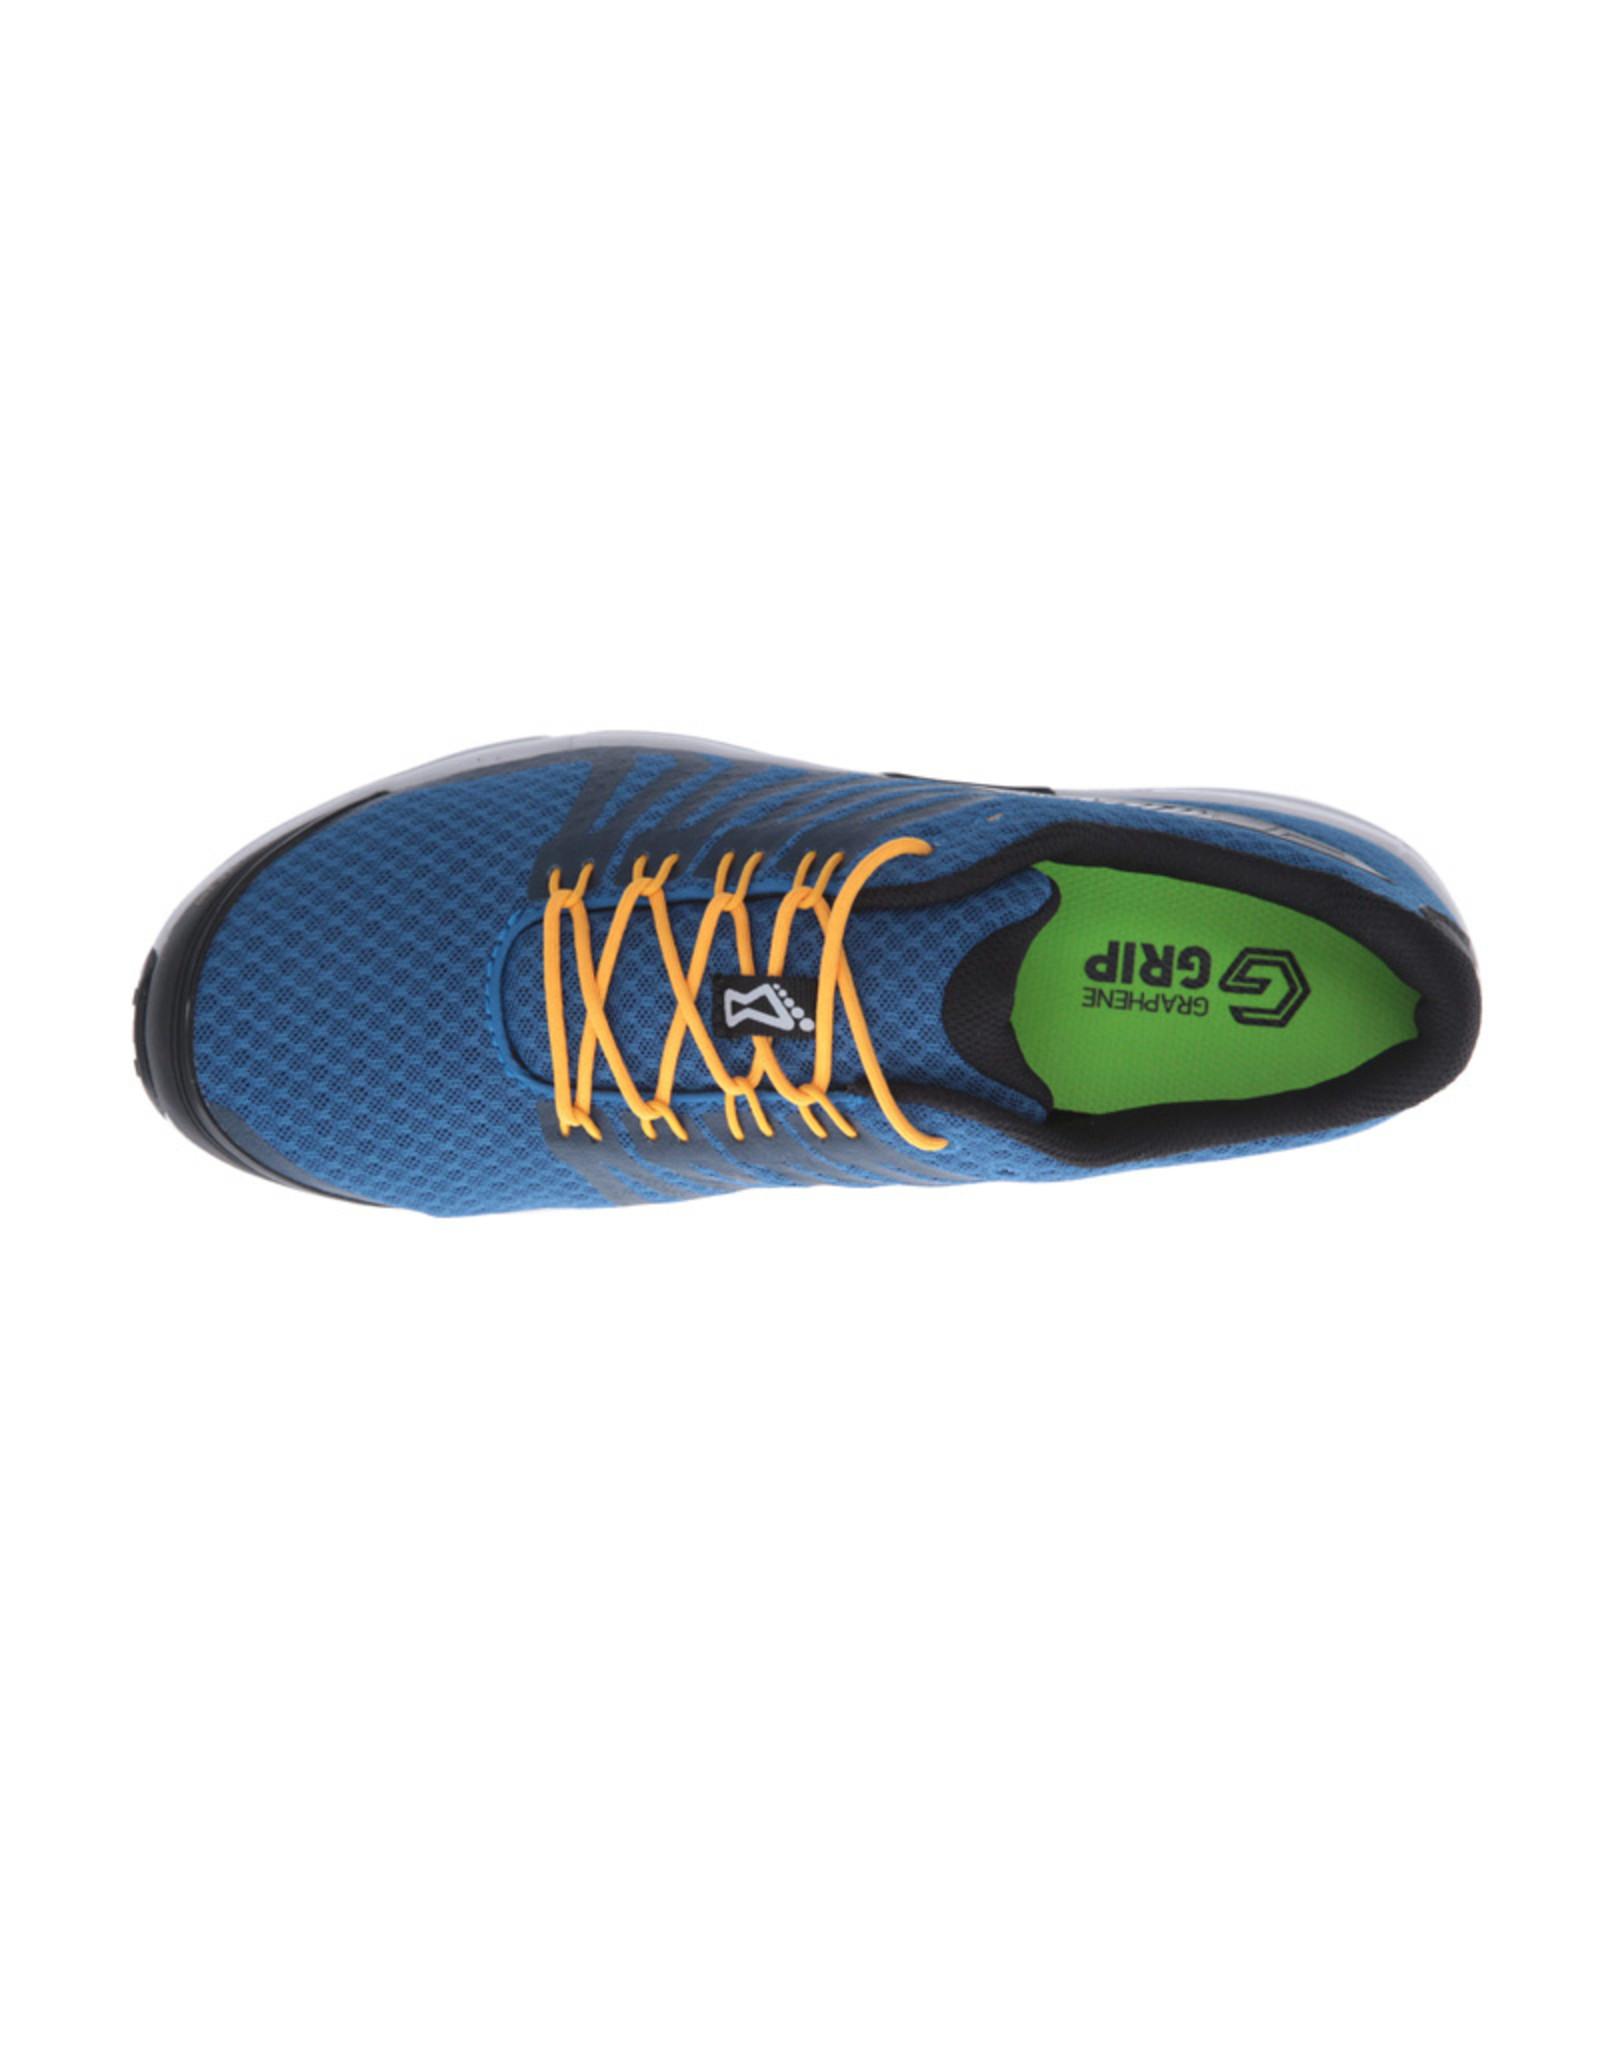 Inov-8 Roclite G 290 Trailrunning Schoen - Blauw/Geel